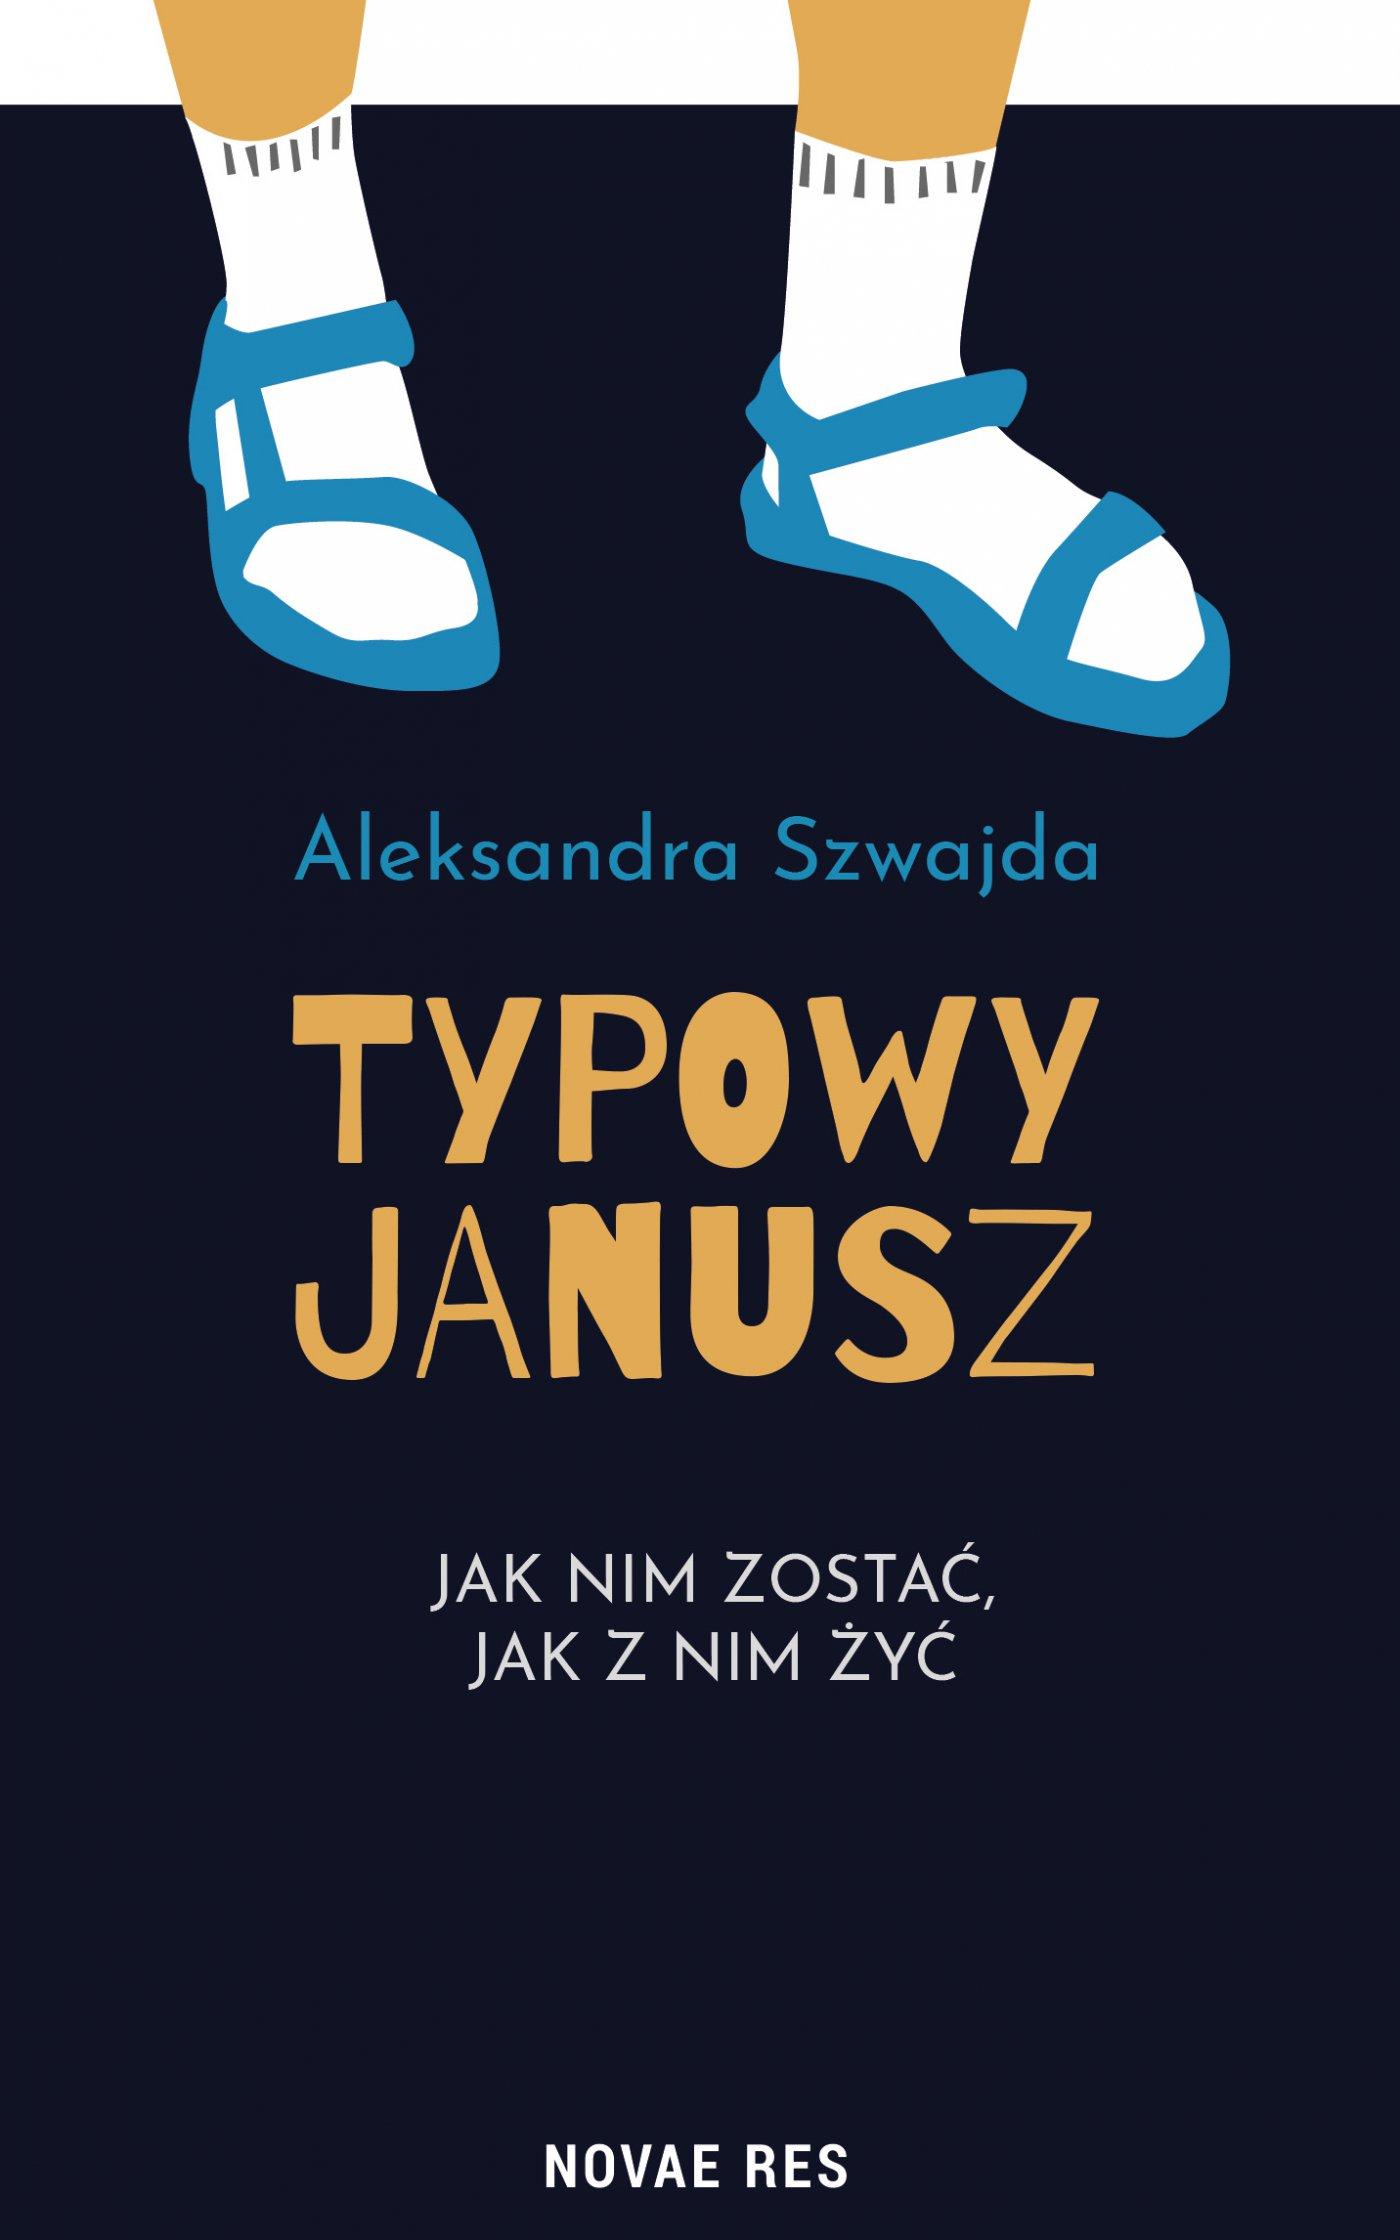 Typowy Janusz - Ebook (Książka EPUB) do pobrania w formacie EPUB